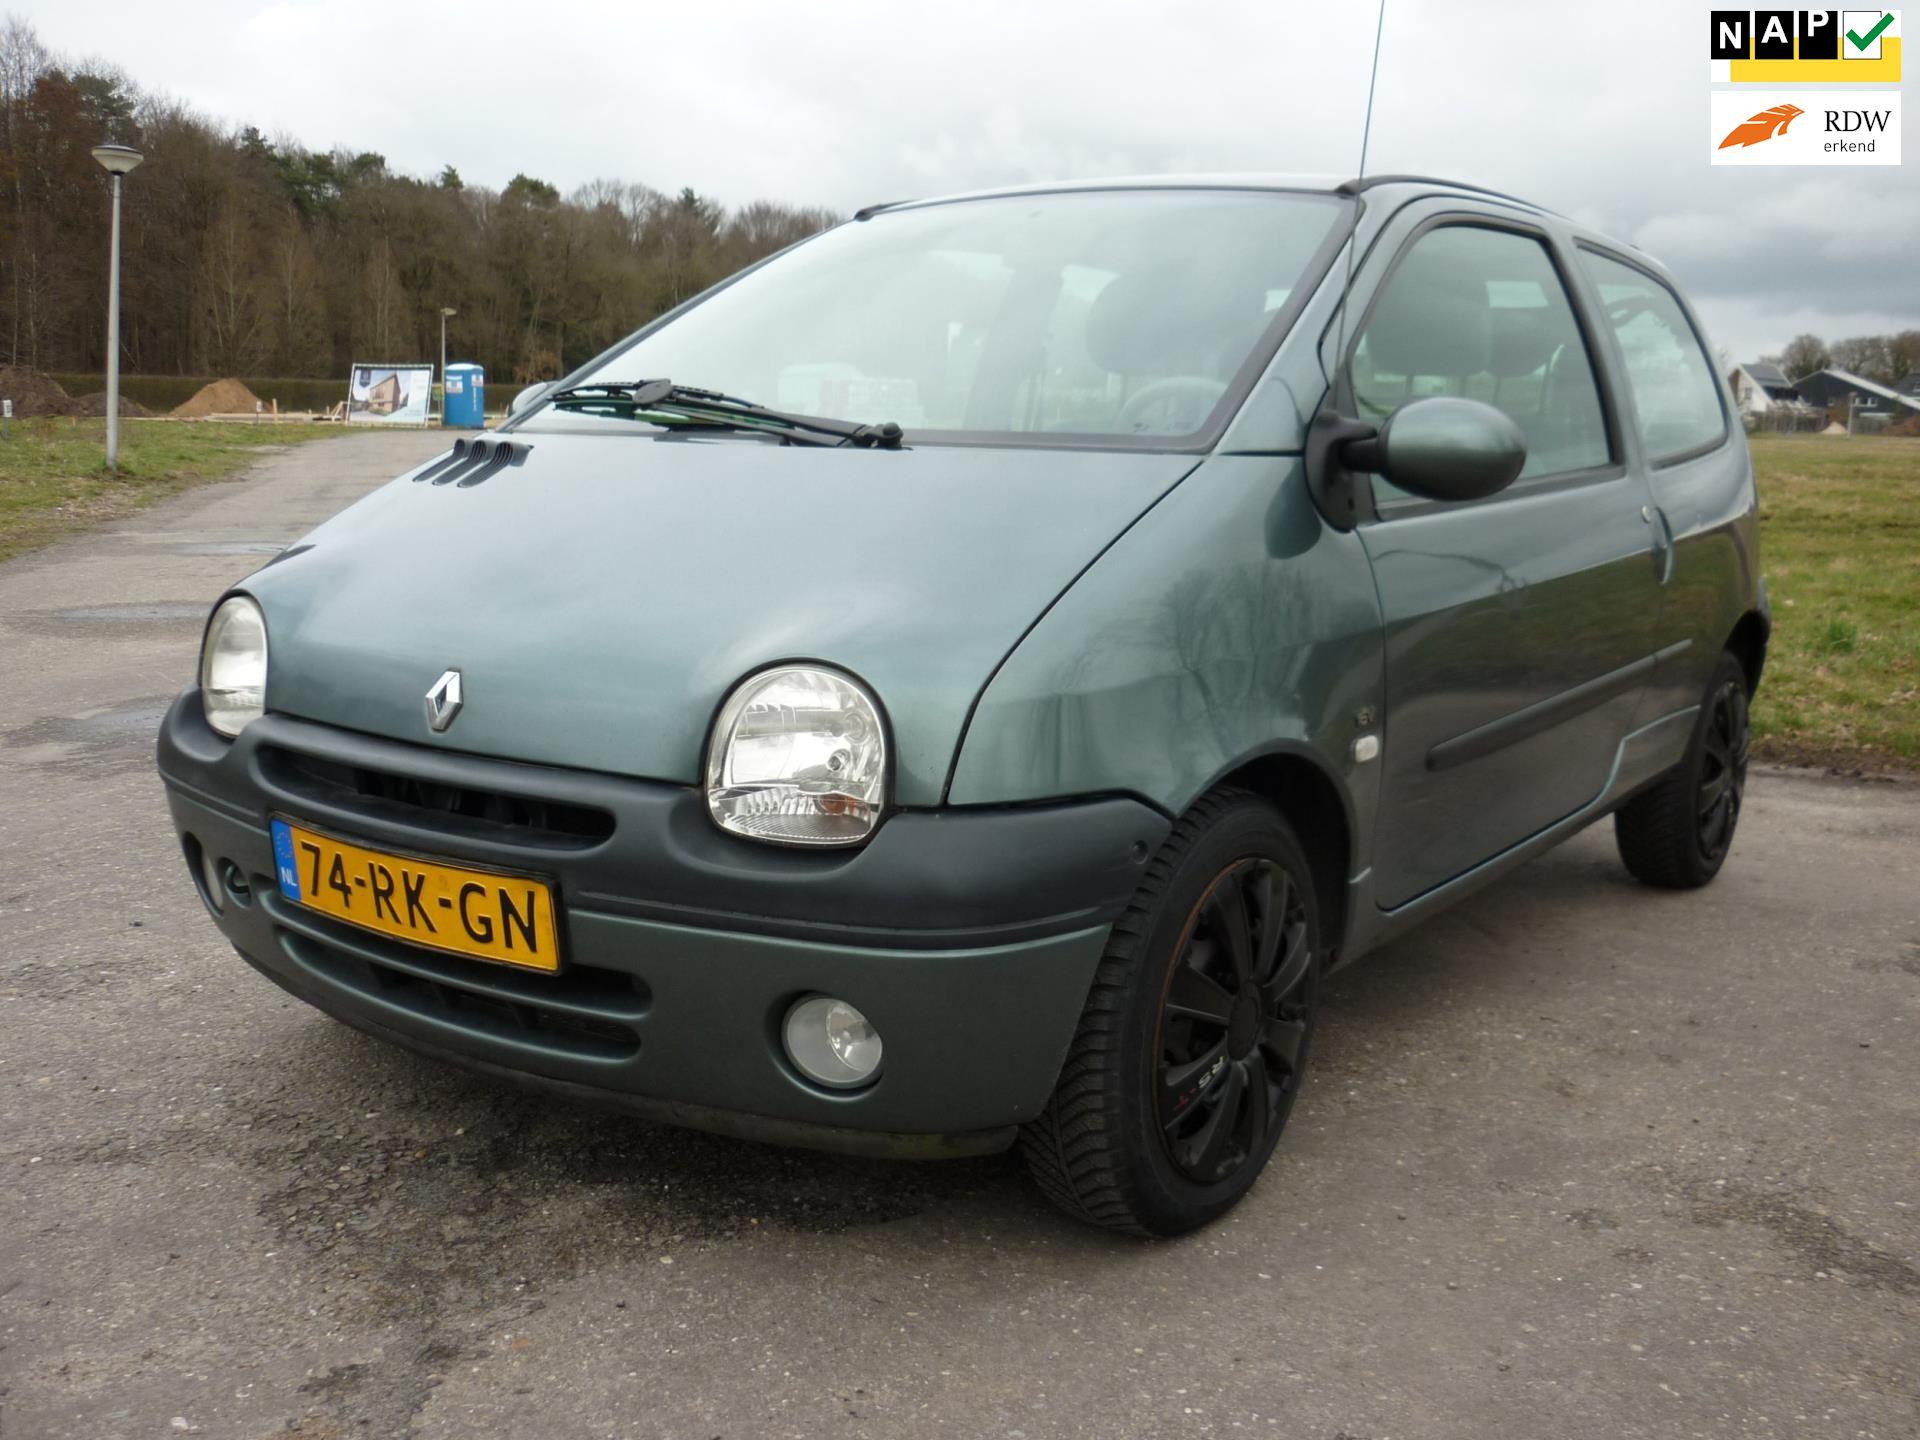 Renault Twingo occasion - Handelsonderneming Endendijk